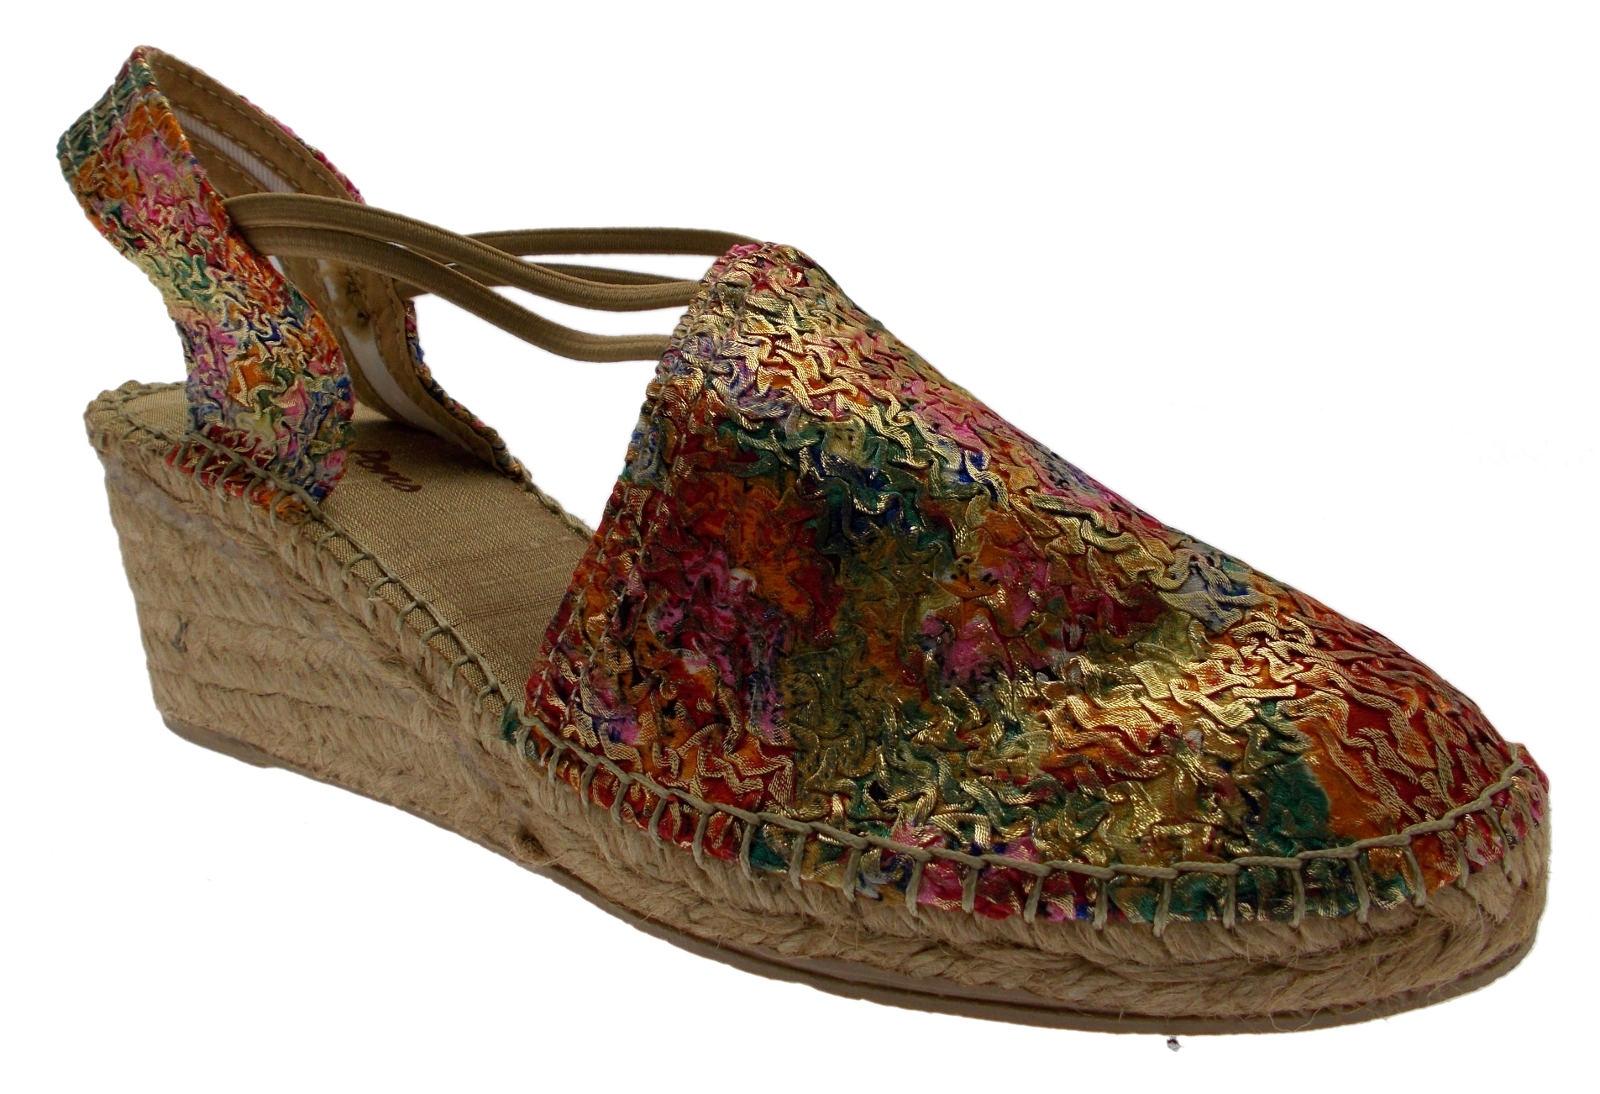 Sandale fleurs multiCouleures corde fermés art de coin TRENTE Toni Pons